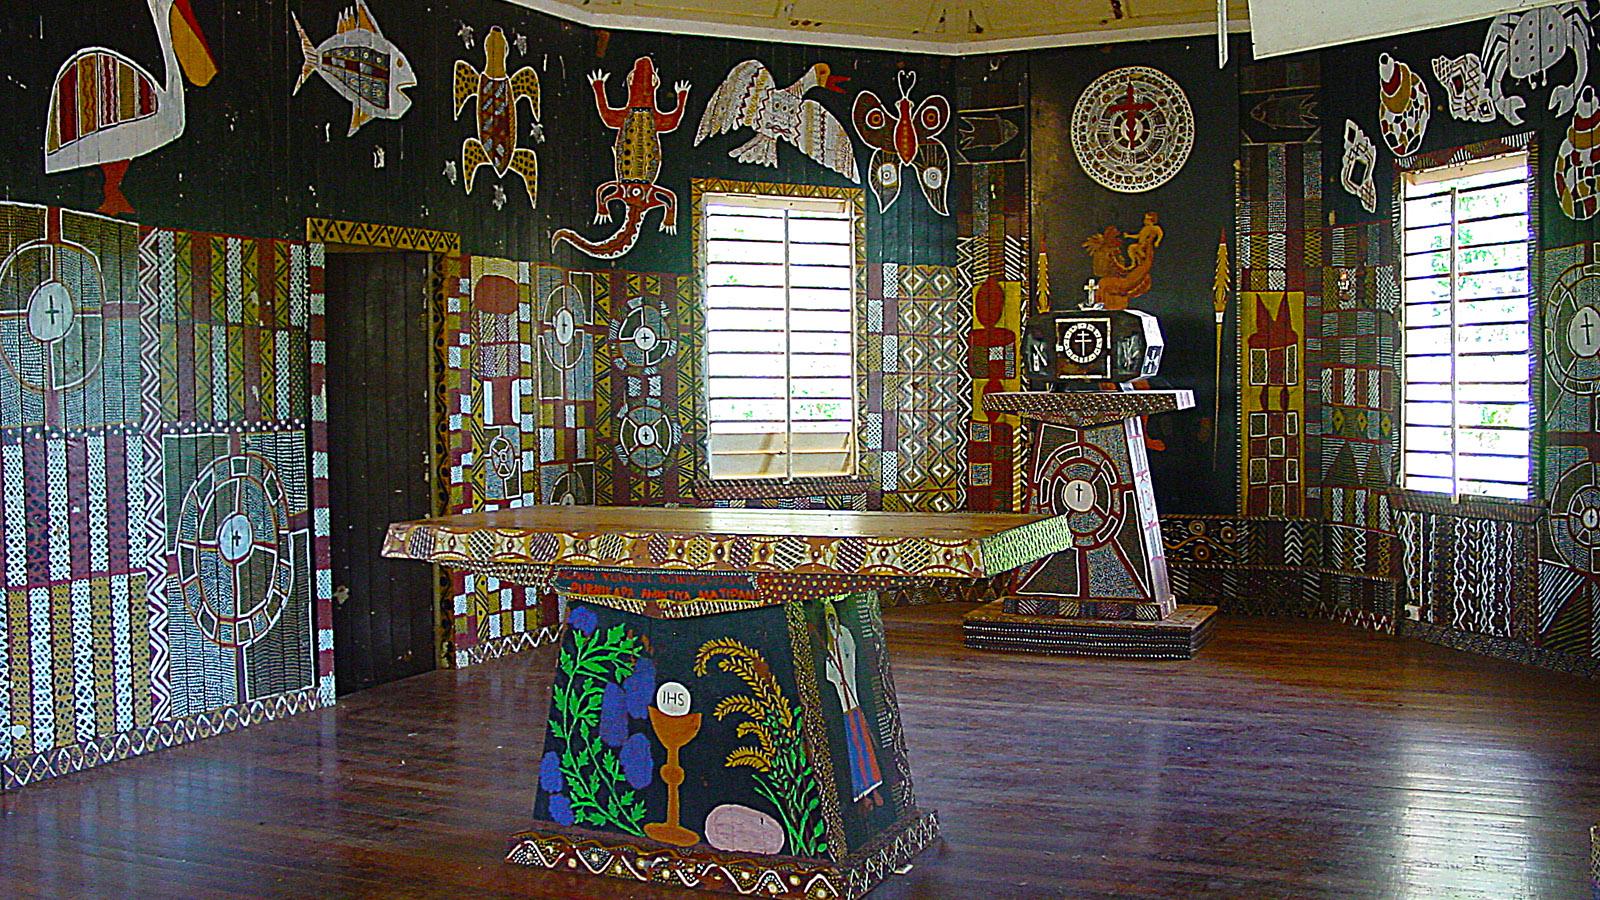 Die Wandmalereien der Kirch von Wurrumiyanga. Foto: Hilke Maunder